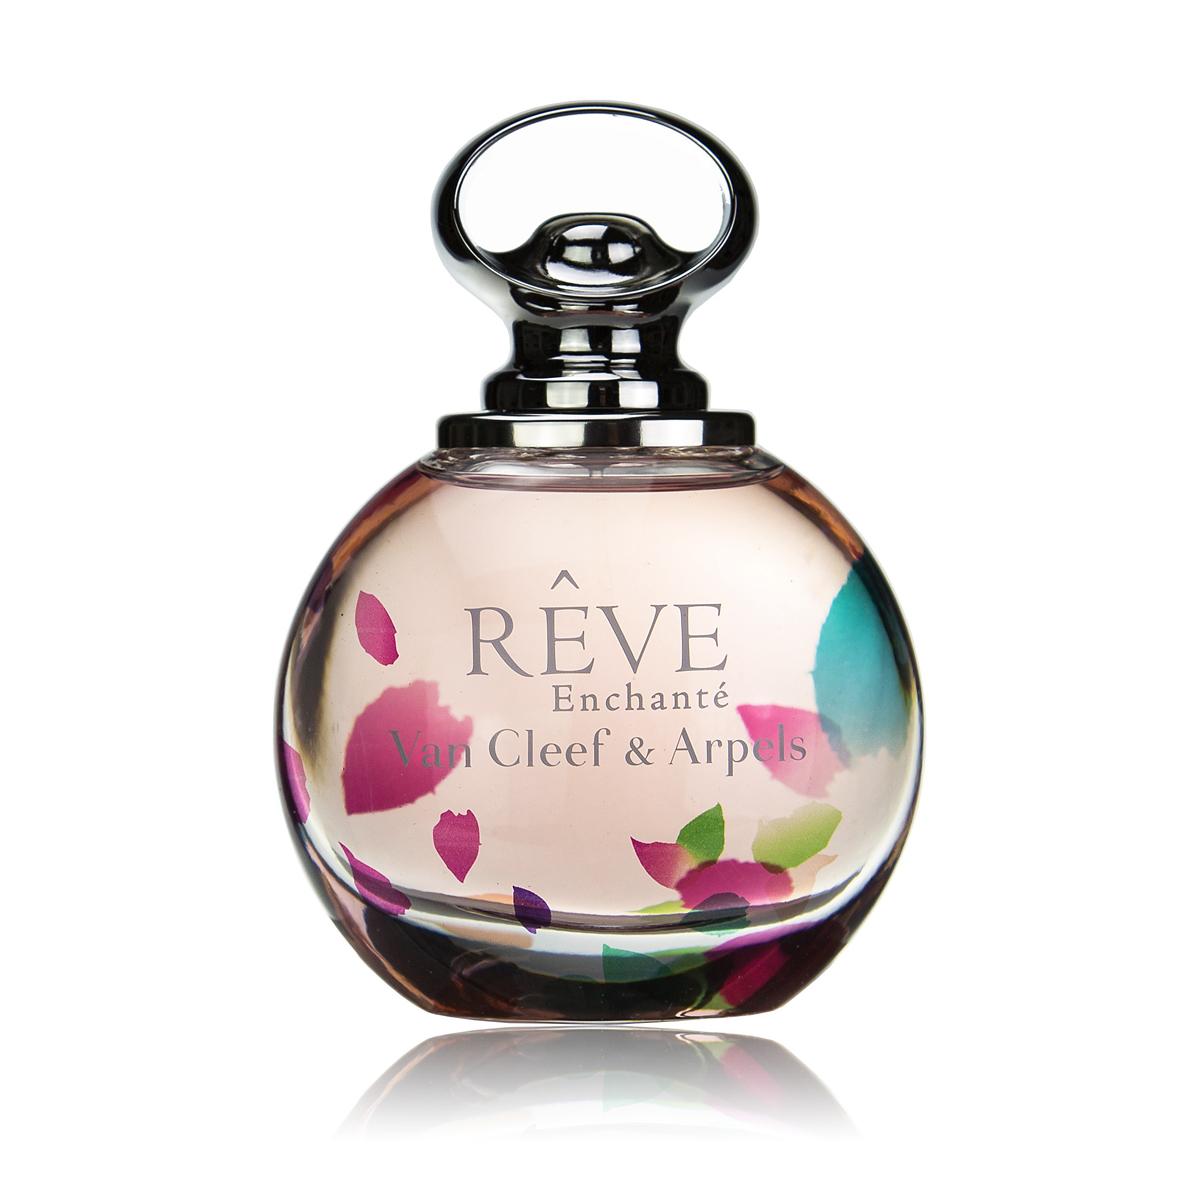 Van Cleef Reve Enchante Парфюмерная вода женская спрей 100 мл28032022Утонченный женский аромат Van Cleef & Arpels Reve Enchante, выпущенный в 2015 году известным французским брендом Van Cleef & Arpels стал открытием года. Над созданием этой нежный цветочно-фруктовый новинки работал парфюмер Эмиль Копперман. Ему удалось выпустить для ювелирного бренда романтичный и волнующий коктейль. Аромат является дополнением к весенней ювелирной коллекции бренда, а потому подчеркивает деликатность, элегантность и роскошь. Данная парфюмерная является продолжением традиций ювелирного дома и фланкером уже полюбившегося аромата 2013 года Reve. В новой редакции аромат Van Cleef & Arpels Reve Enchante звучит более трогательно и воздушно. В нем отражается особая деликатность и нежность. Необыкновенно приятный изысканный коктейль адресован молодым и романтичным женщинам, для которых были собраны сочные дольки клементина и груши, украшенные цветами персика и жасмина. Сливочная белая амбра делает аромат еще более роскошным.